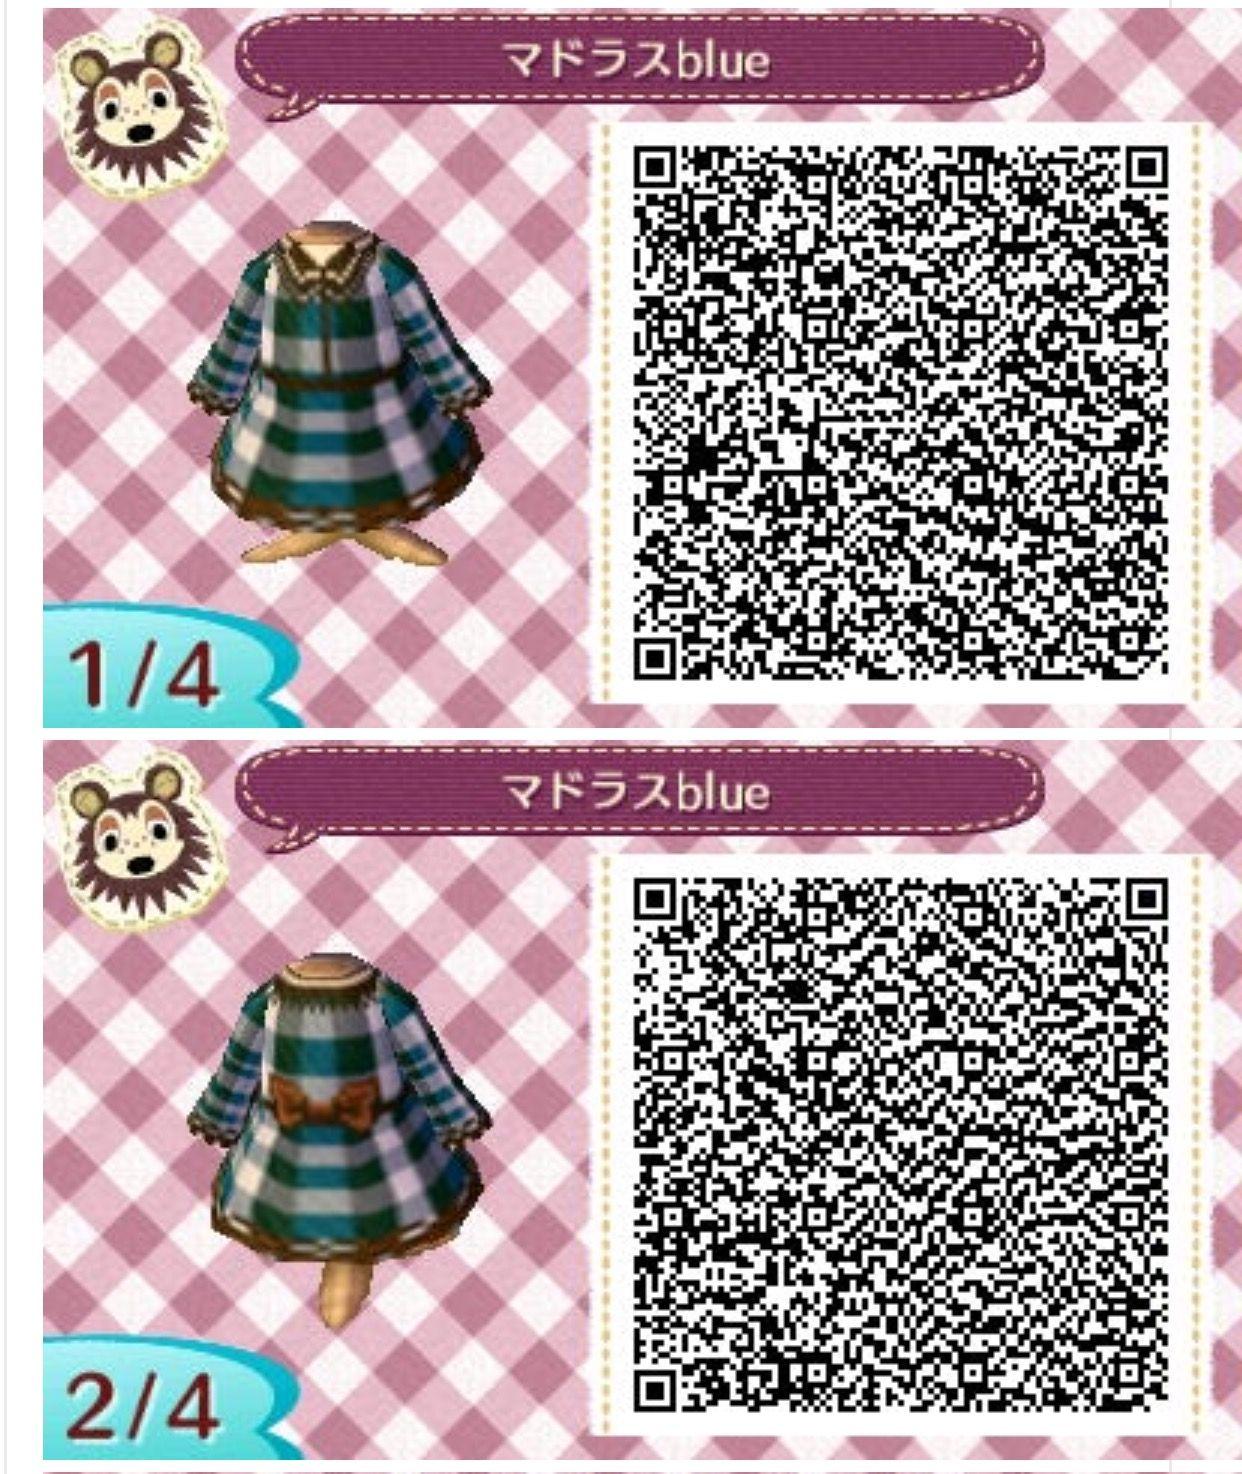 Acnl Blue Plaid Dress - Animal Crossing Leaf Qr Codes